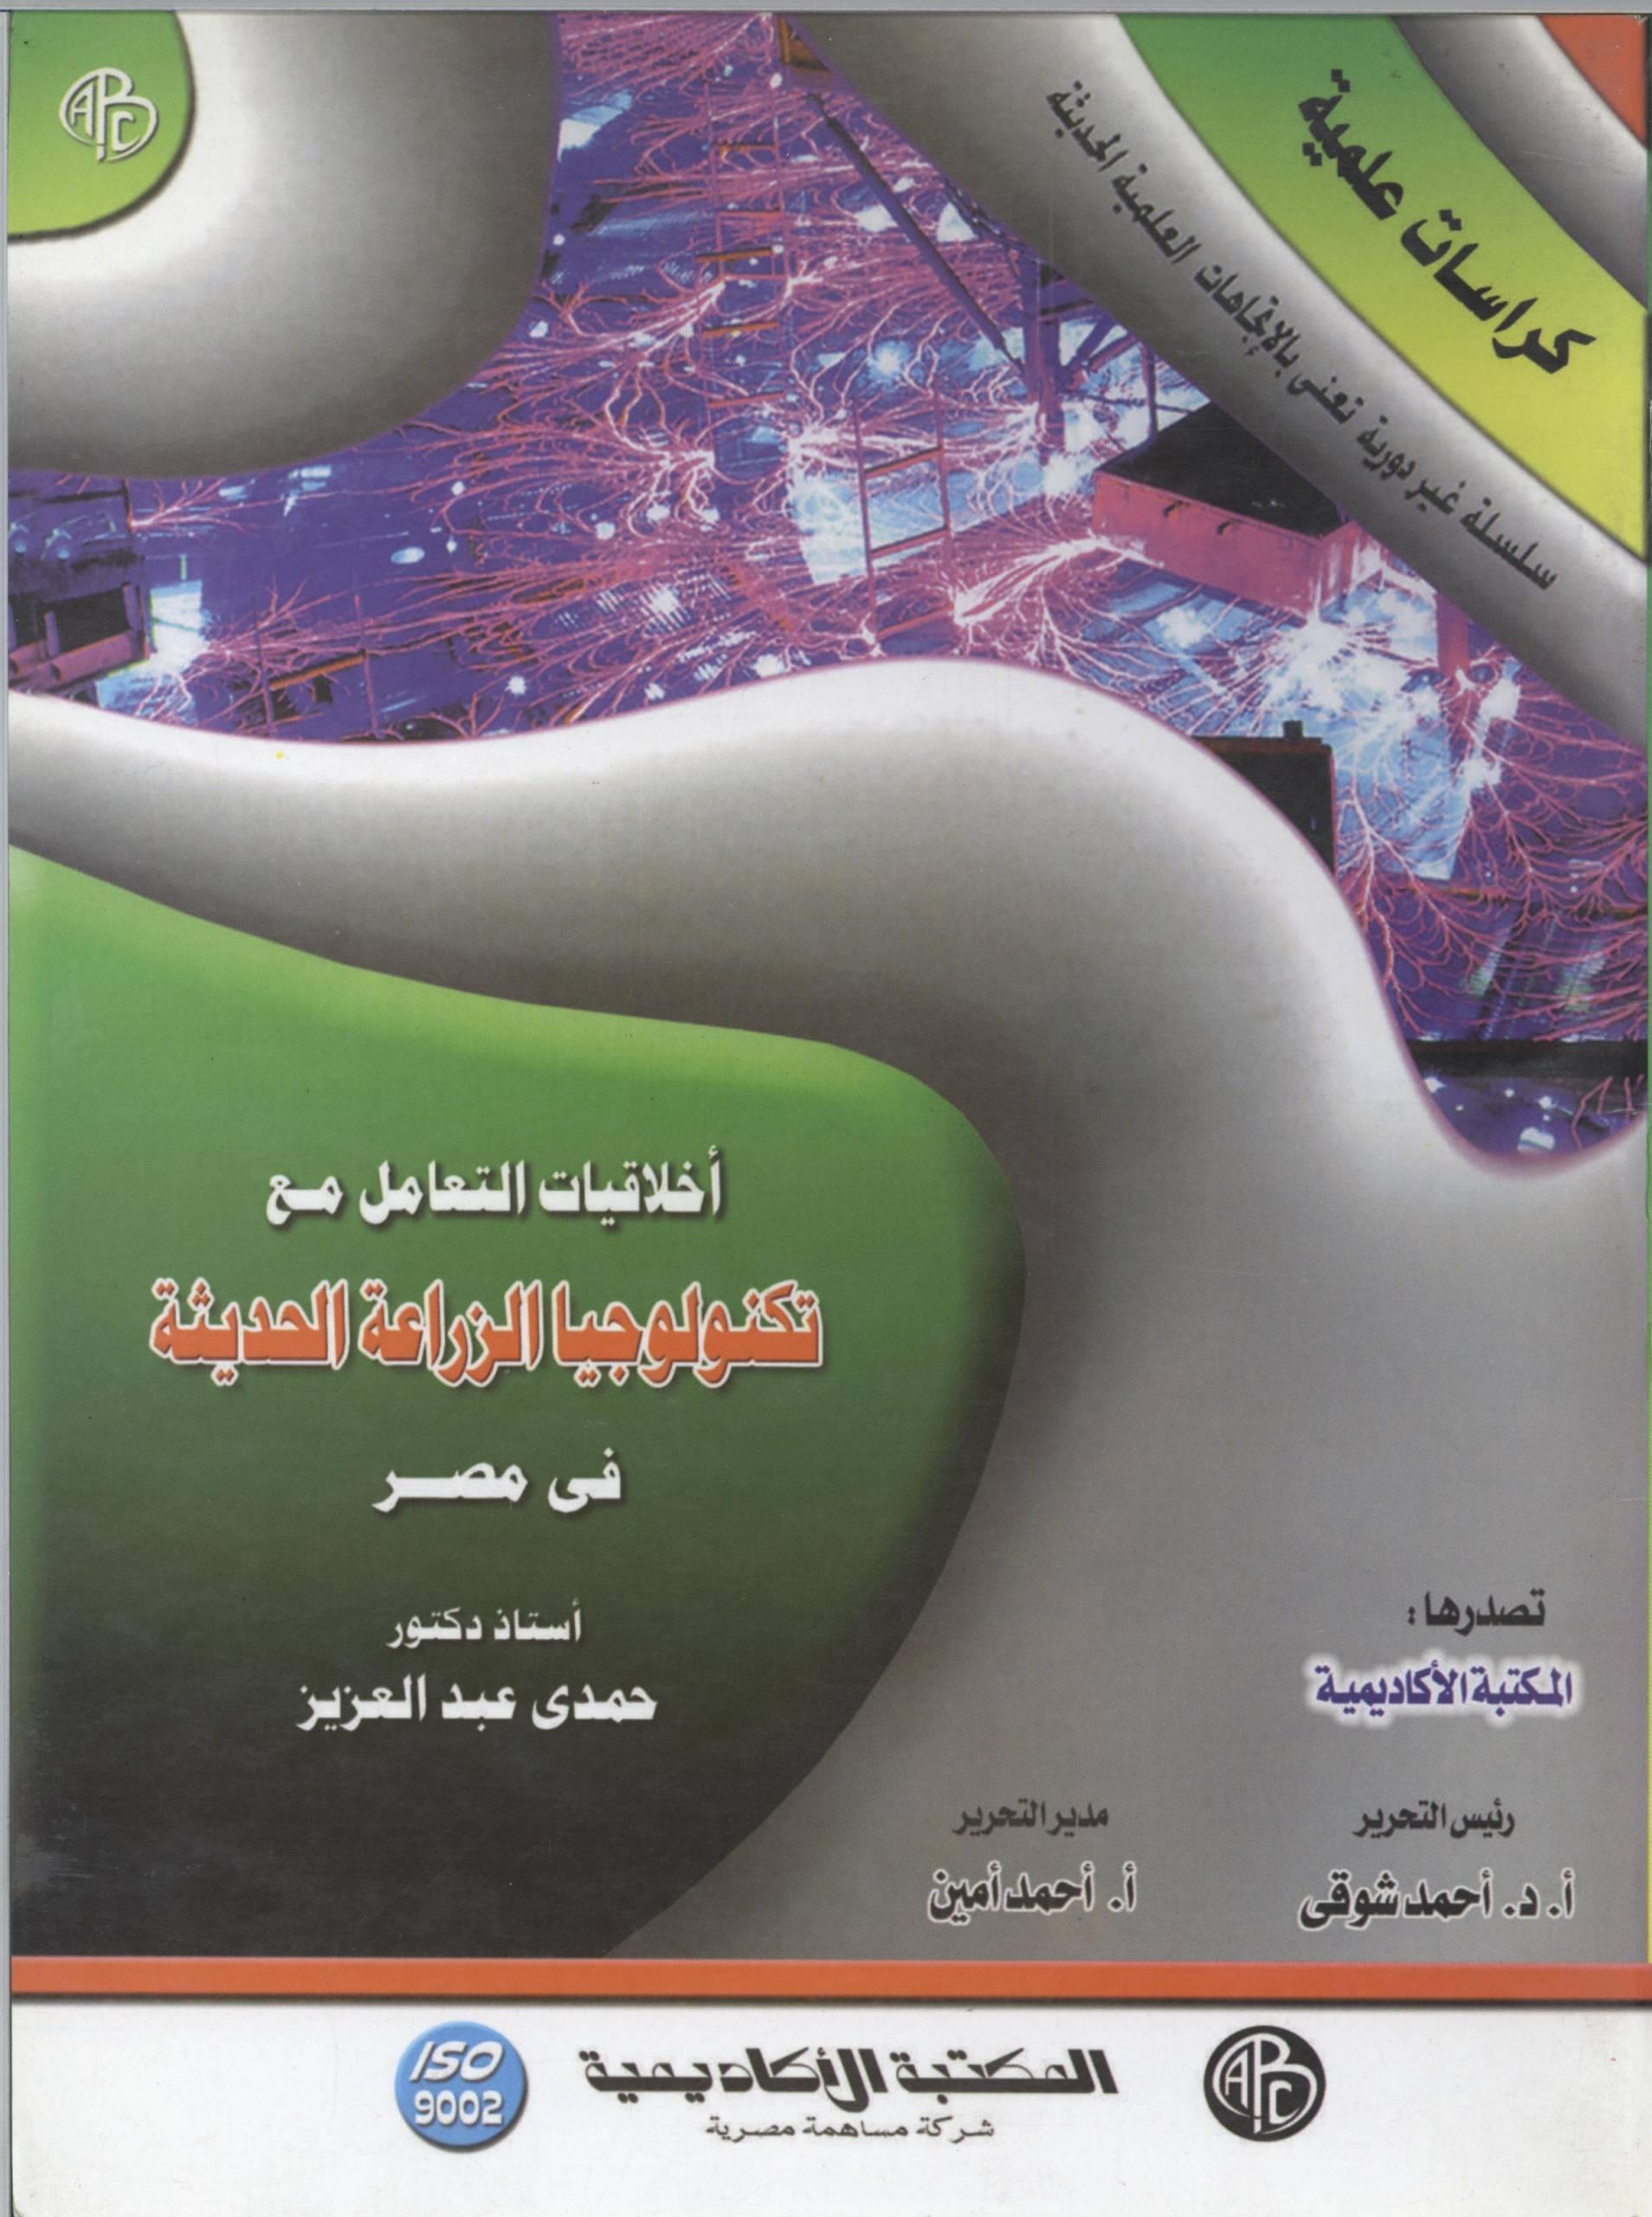 أخلاقيات التعامل مع تكنولوجيا الزراعة الحديثة في مصر